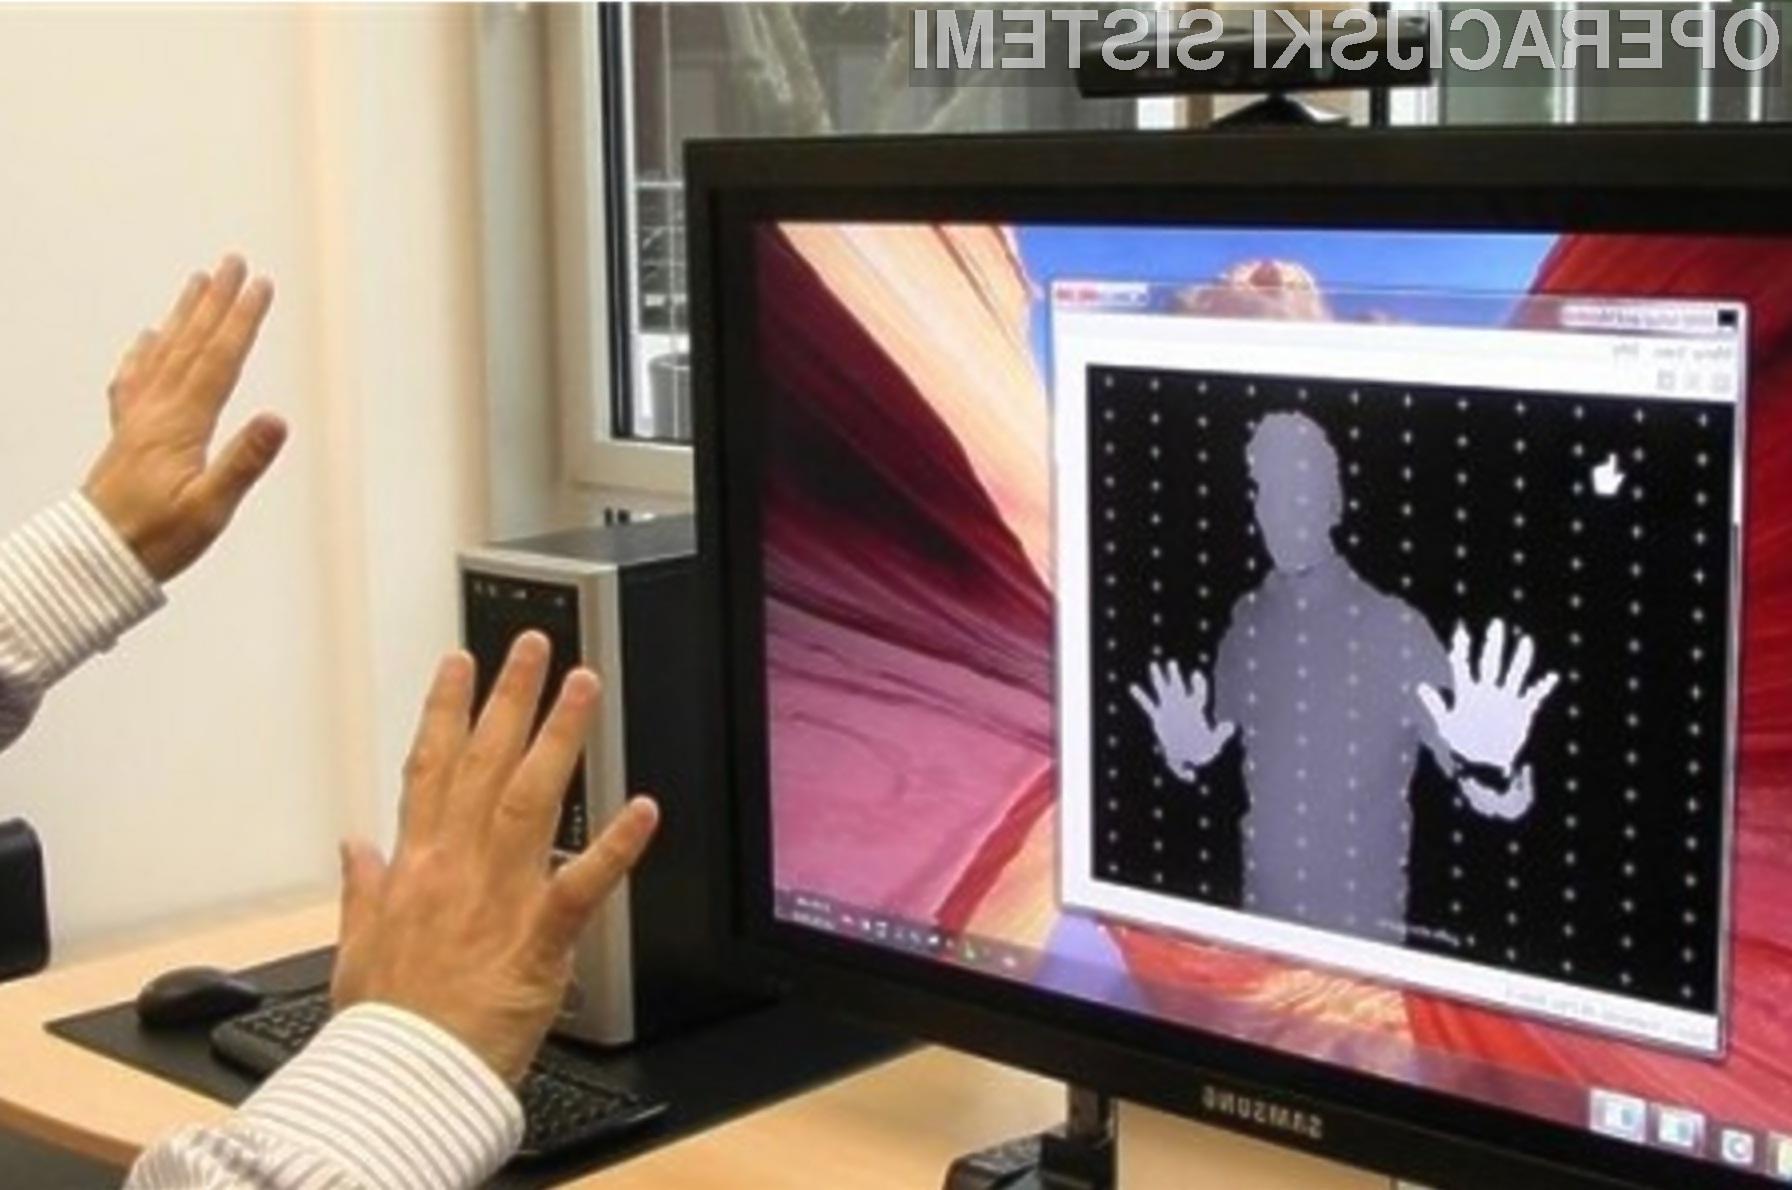 Bo krmilni sistem Kinect za osebne računalnike postal del vaše računalniške periferije?